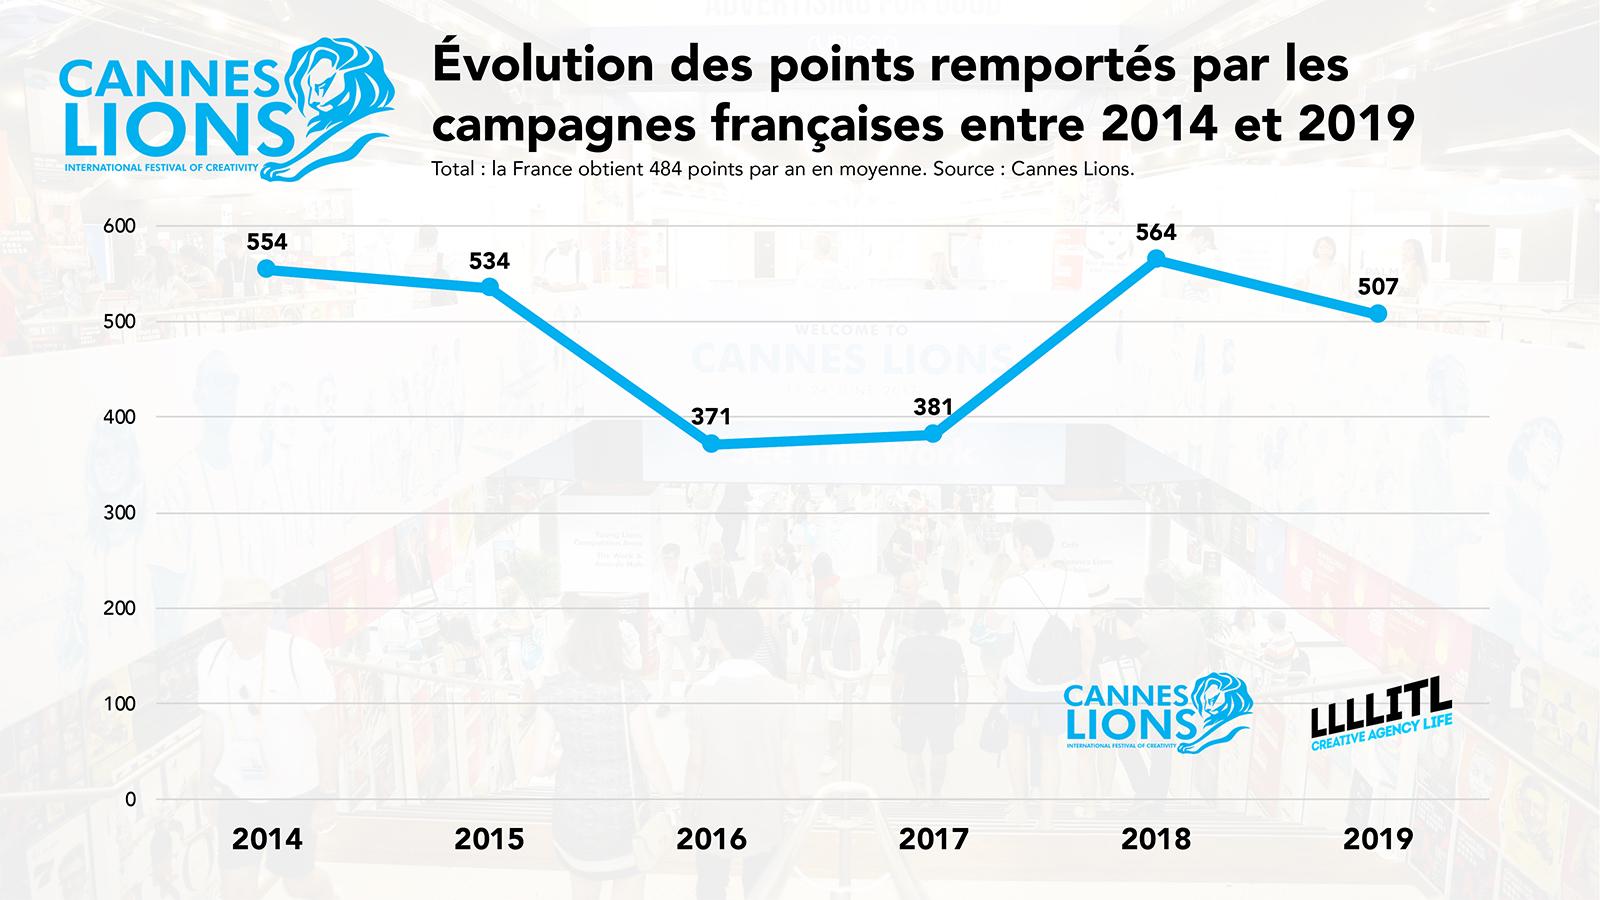 Cannes Lions : évolution des points remportés par la France entre 2014 et 2019